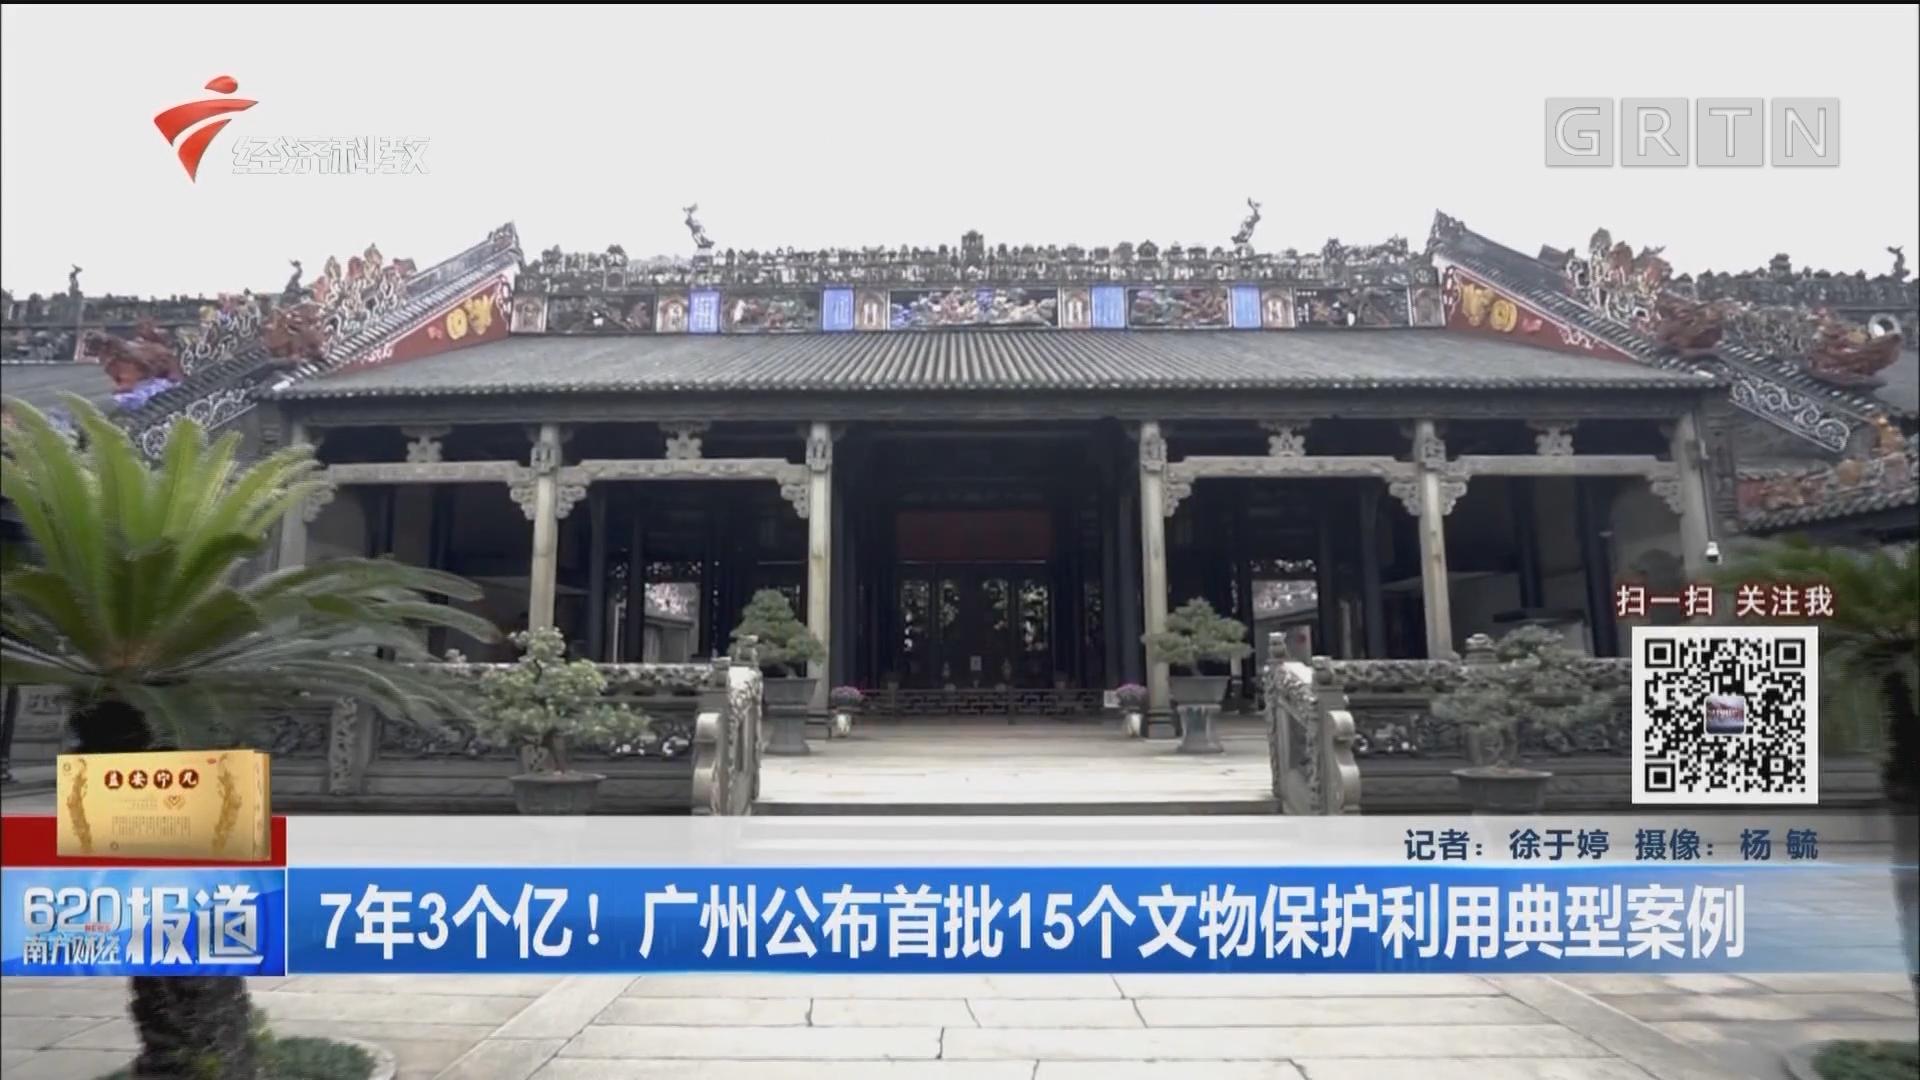 7年3个亿!广州公布首批15个文物保护利用典型案例